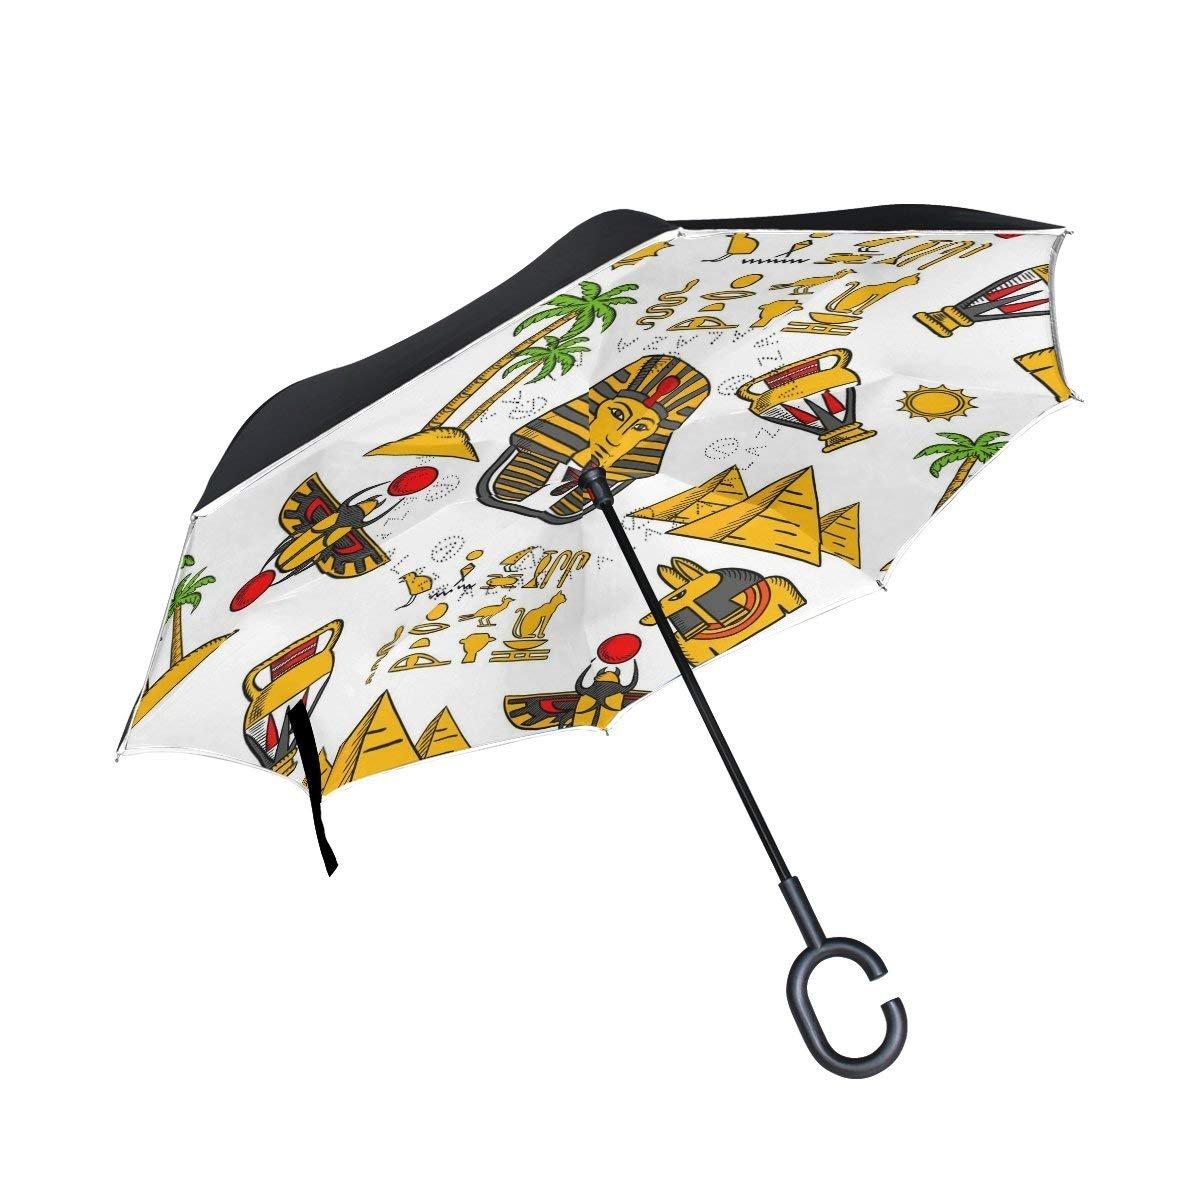 すべての同意Inverted逆傘トロピカルPoppy Flowers防風for Car雨アウトドア One Size カラー8 B07FS6J9S1